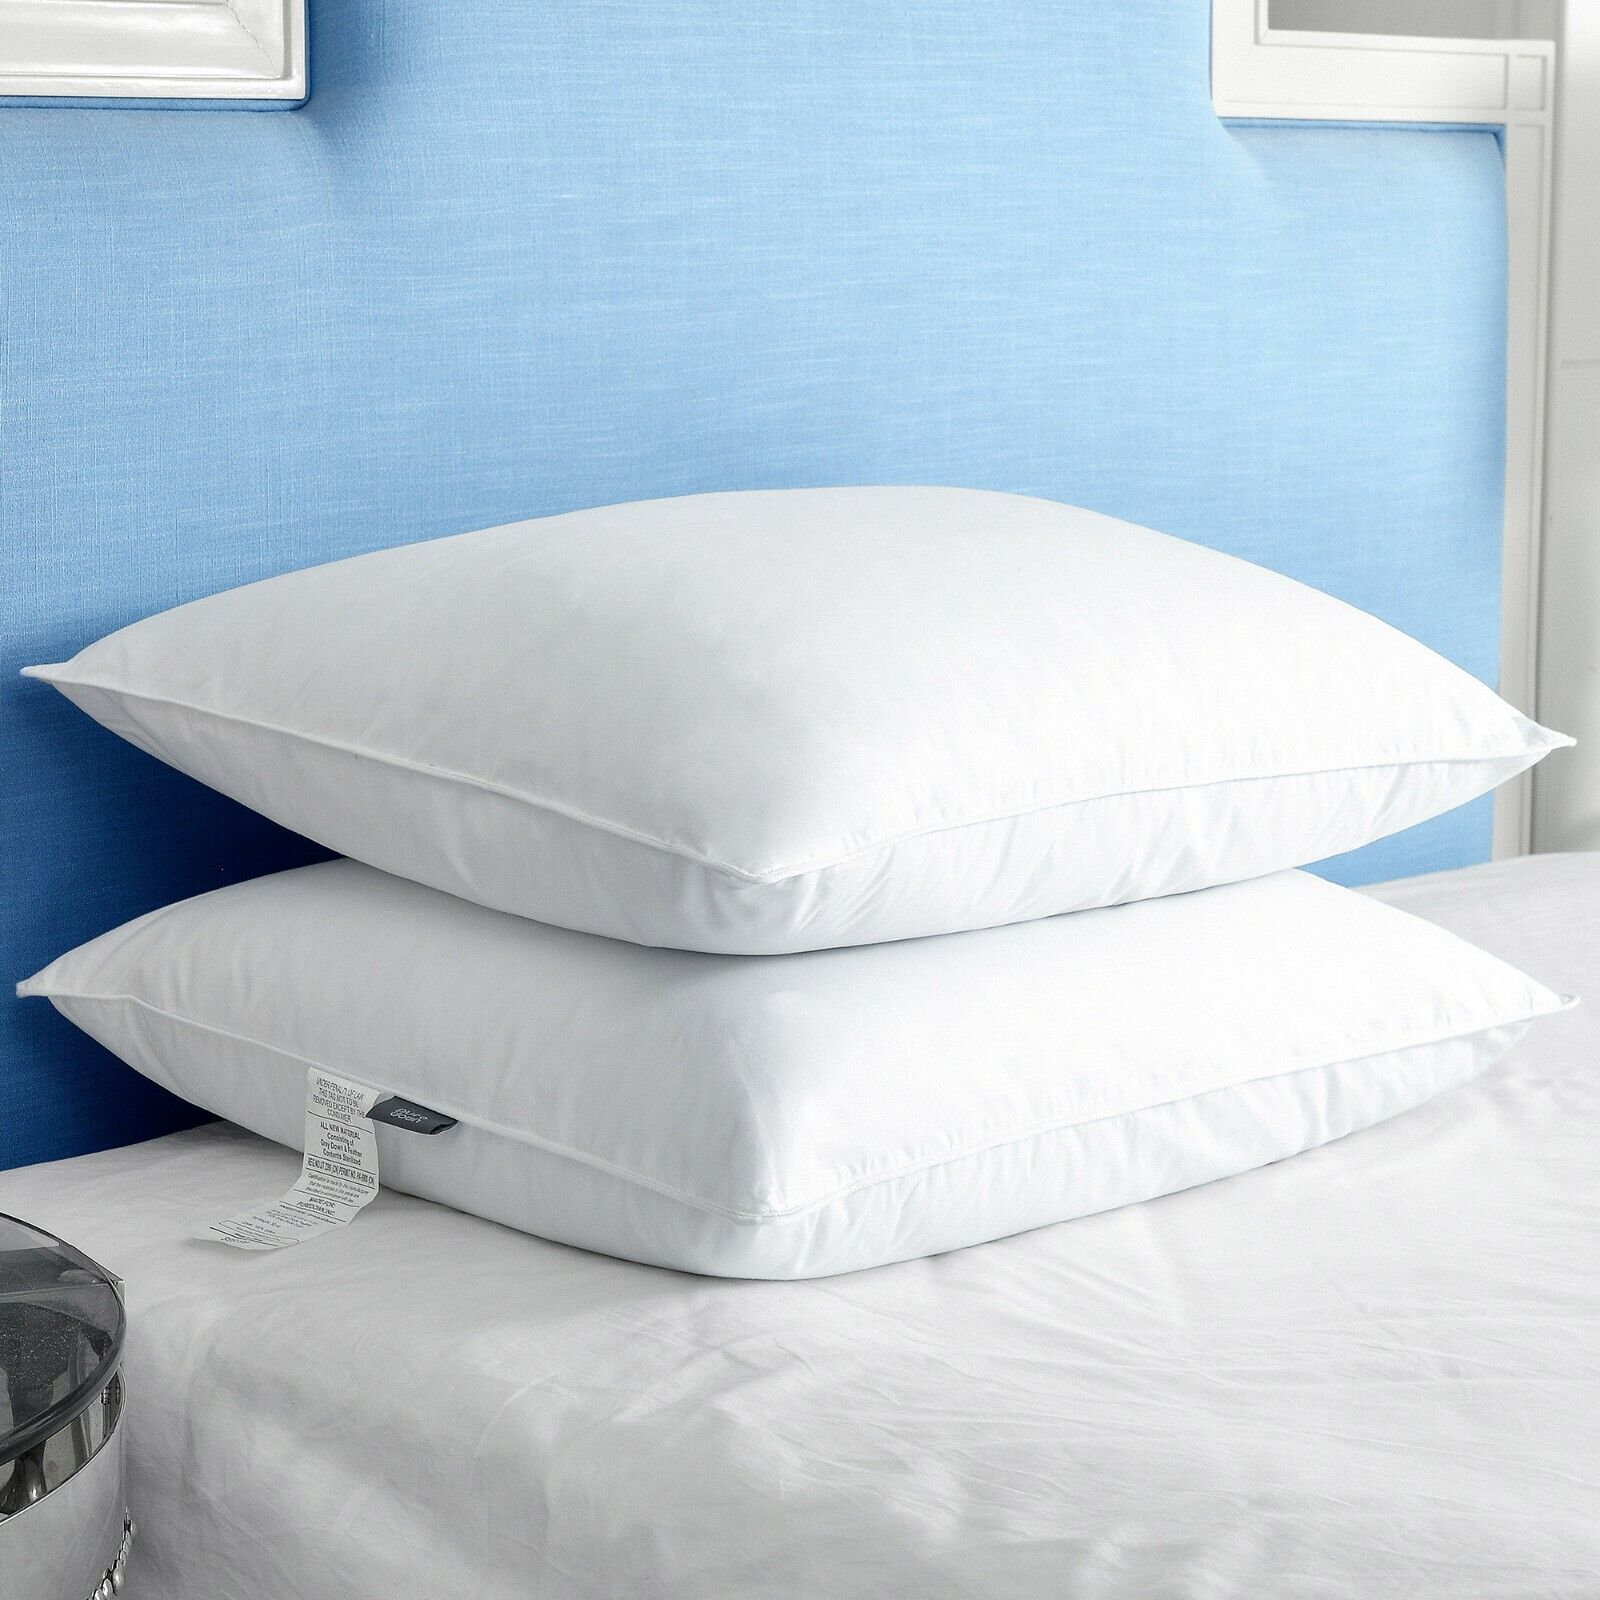 PUrotOWN Down & Feather Bett Pillows for Sleeping, Weiß, SET OF 2